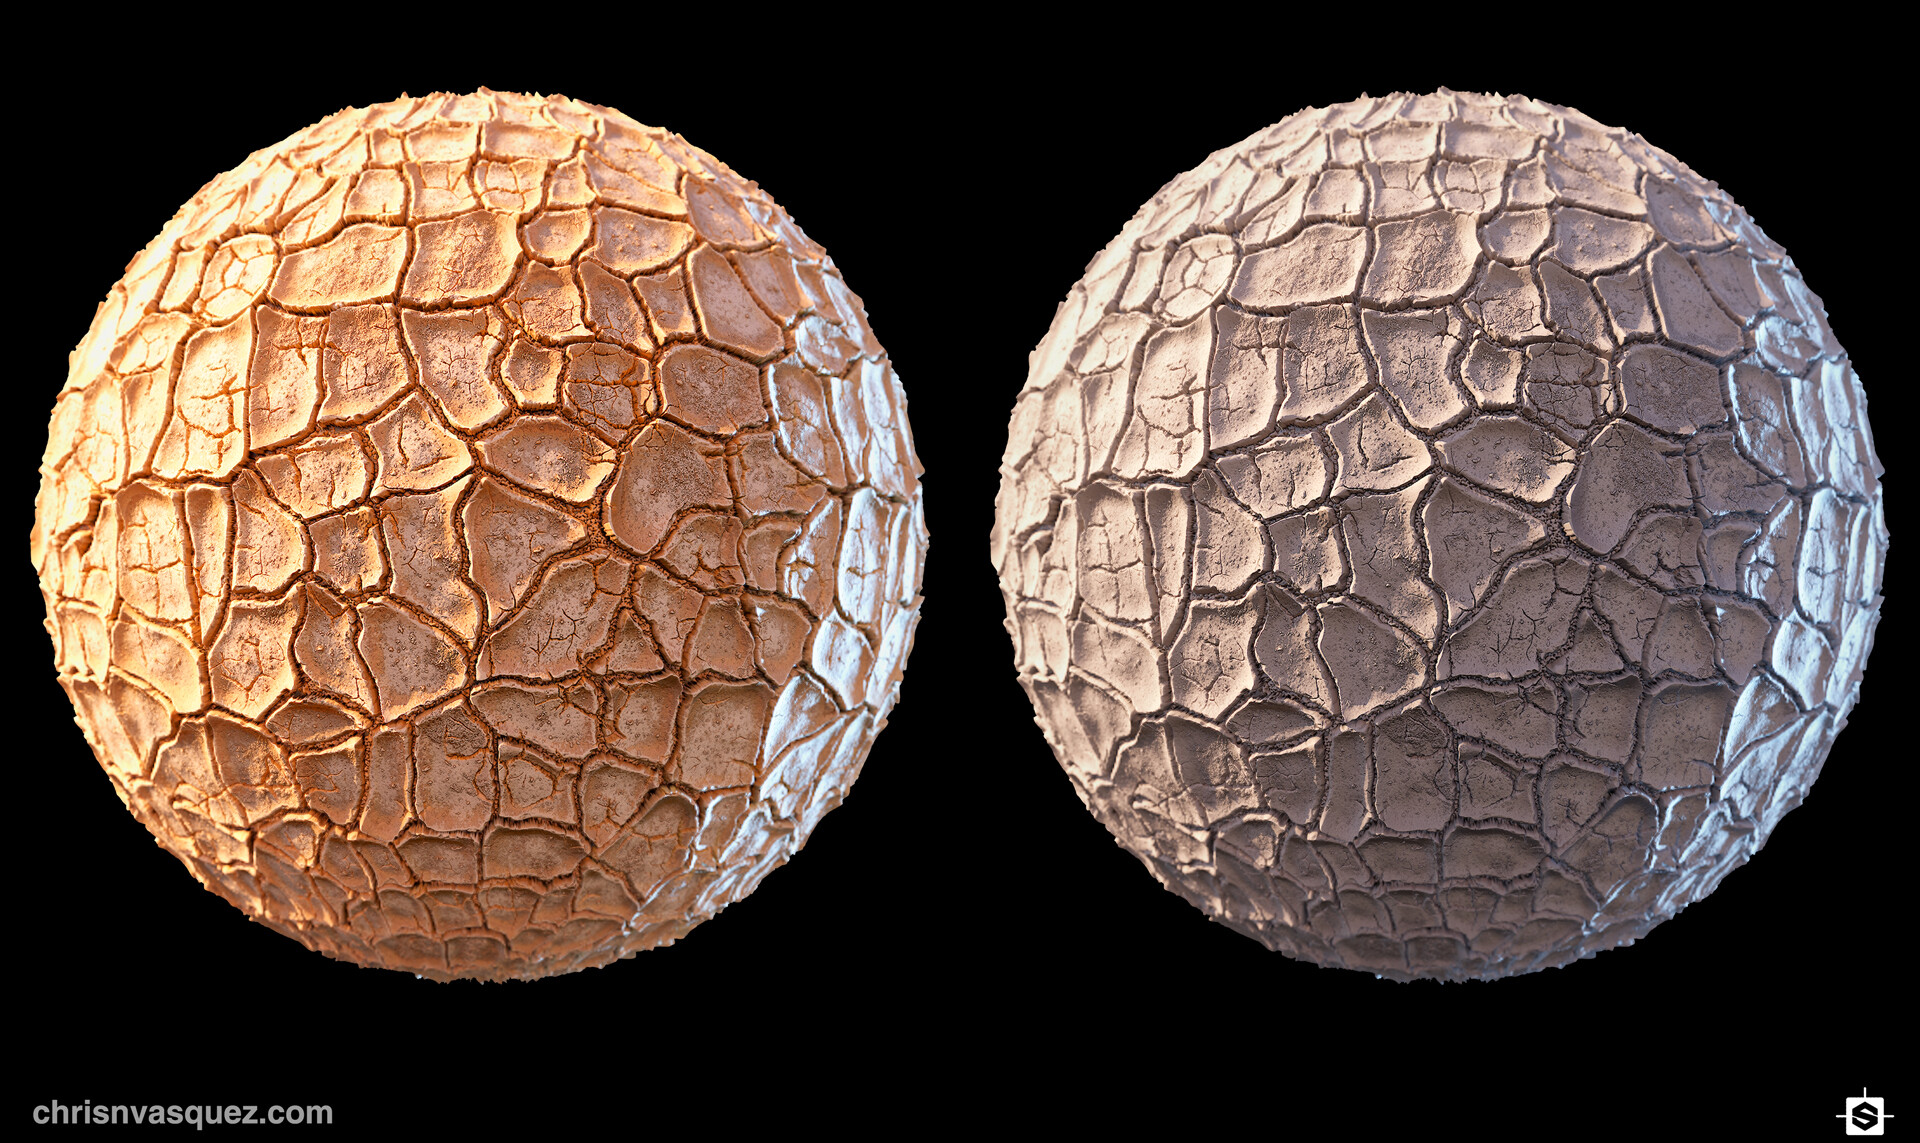 Christian vasquez sphere crackedmud cv